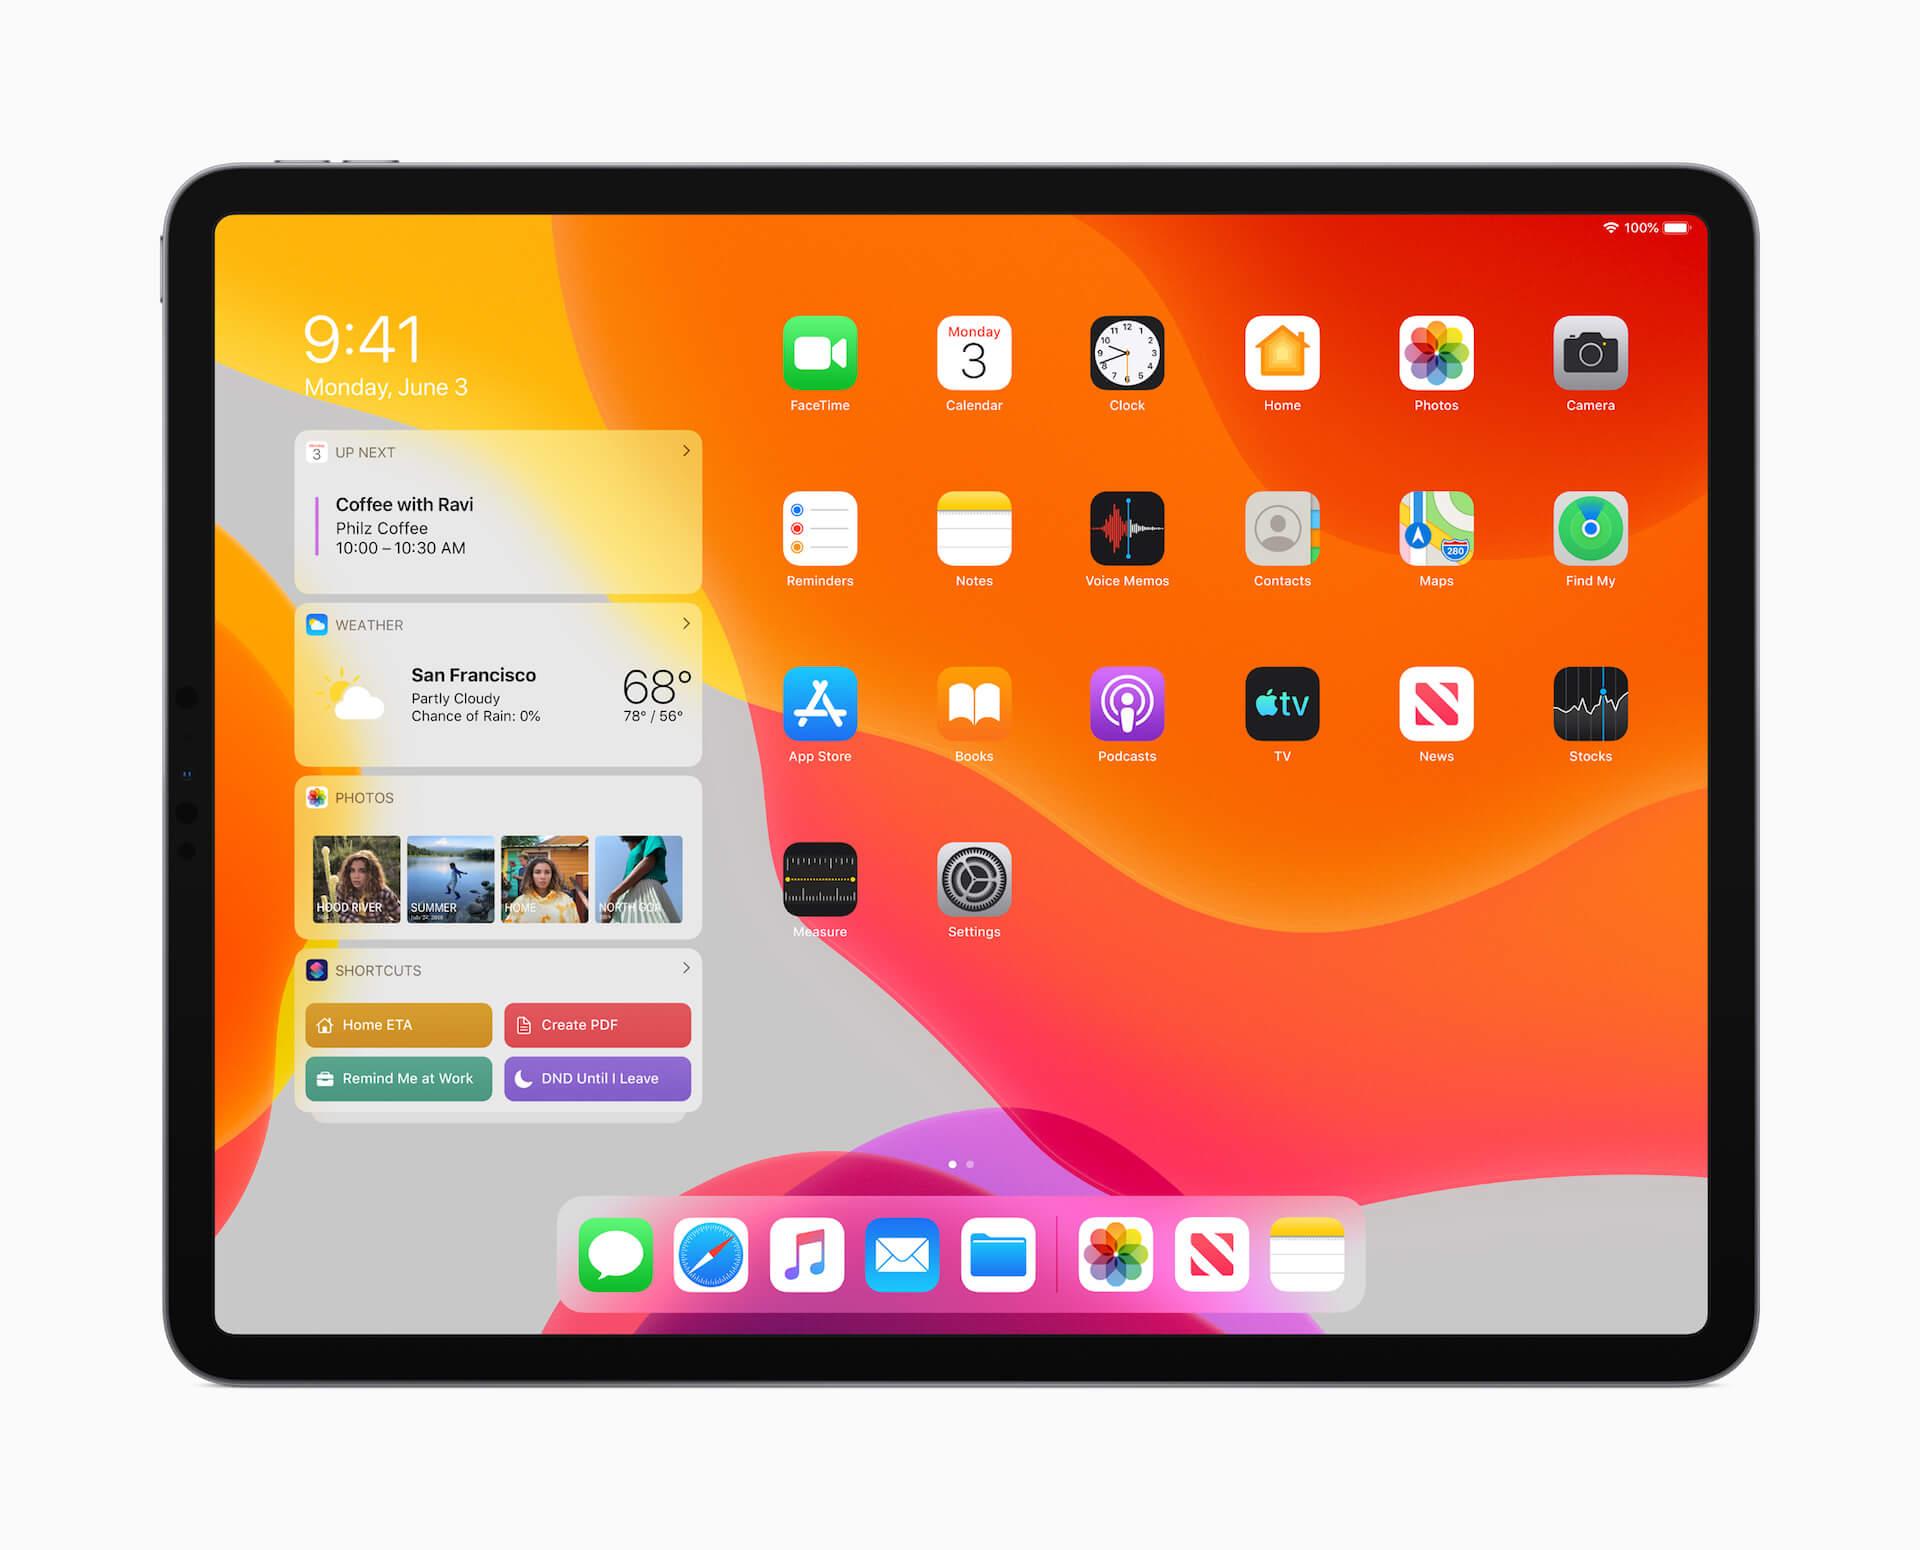 5Gにも対応するiPad Proが今年秋に登場?新型iPhoneも5G対応か tech200214_ipadpro_main